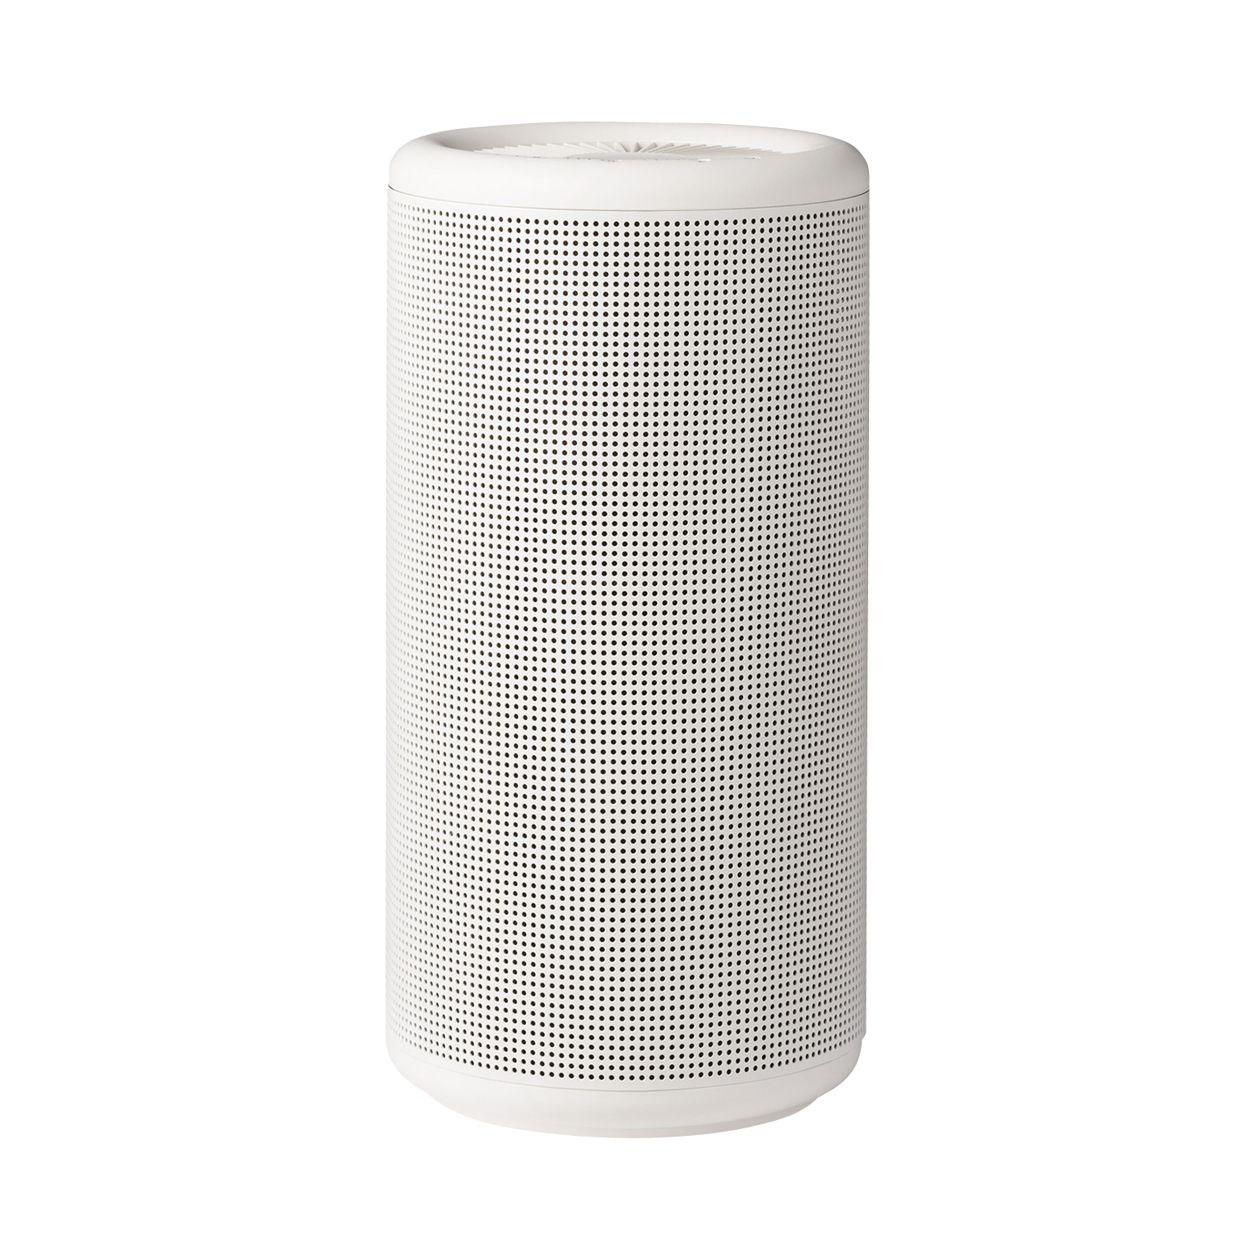 RoomClip商品情報 - 空気清浄機